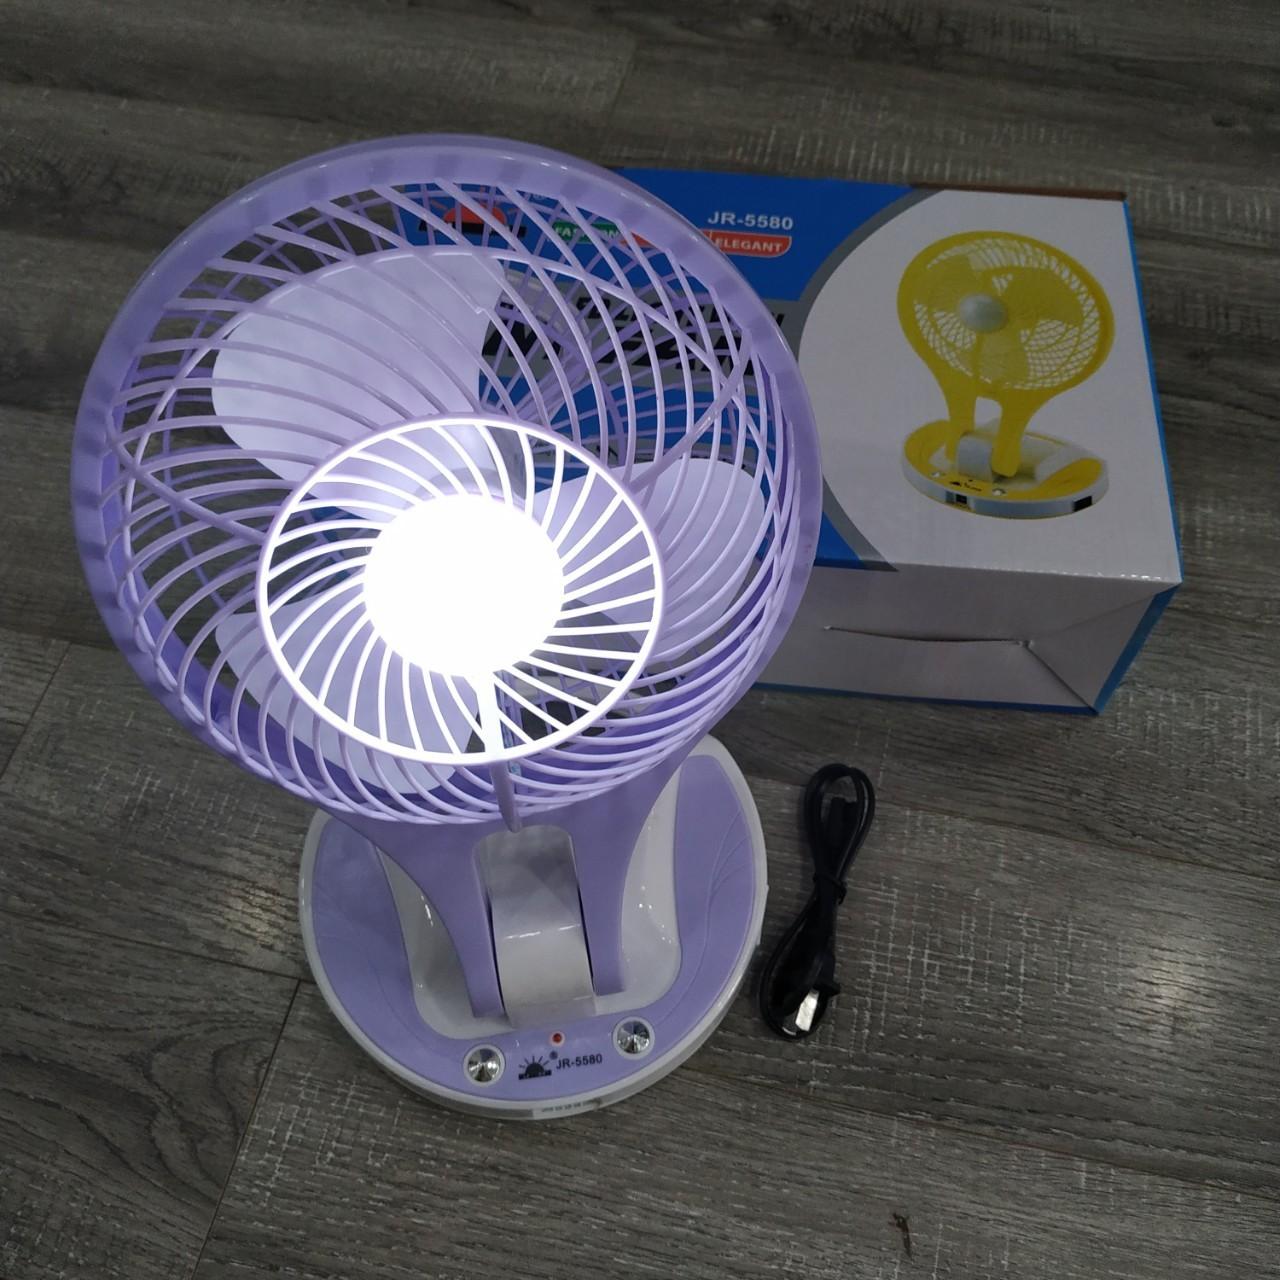 Quạt sạc tích điện cao cấp kèm đèn JR-5580 (màu ngẫu nhiên) tặng kèm 1 khăn lau 30x30cm